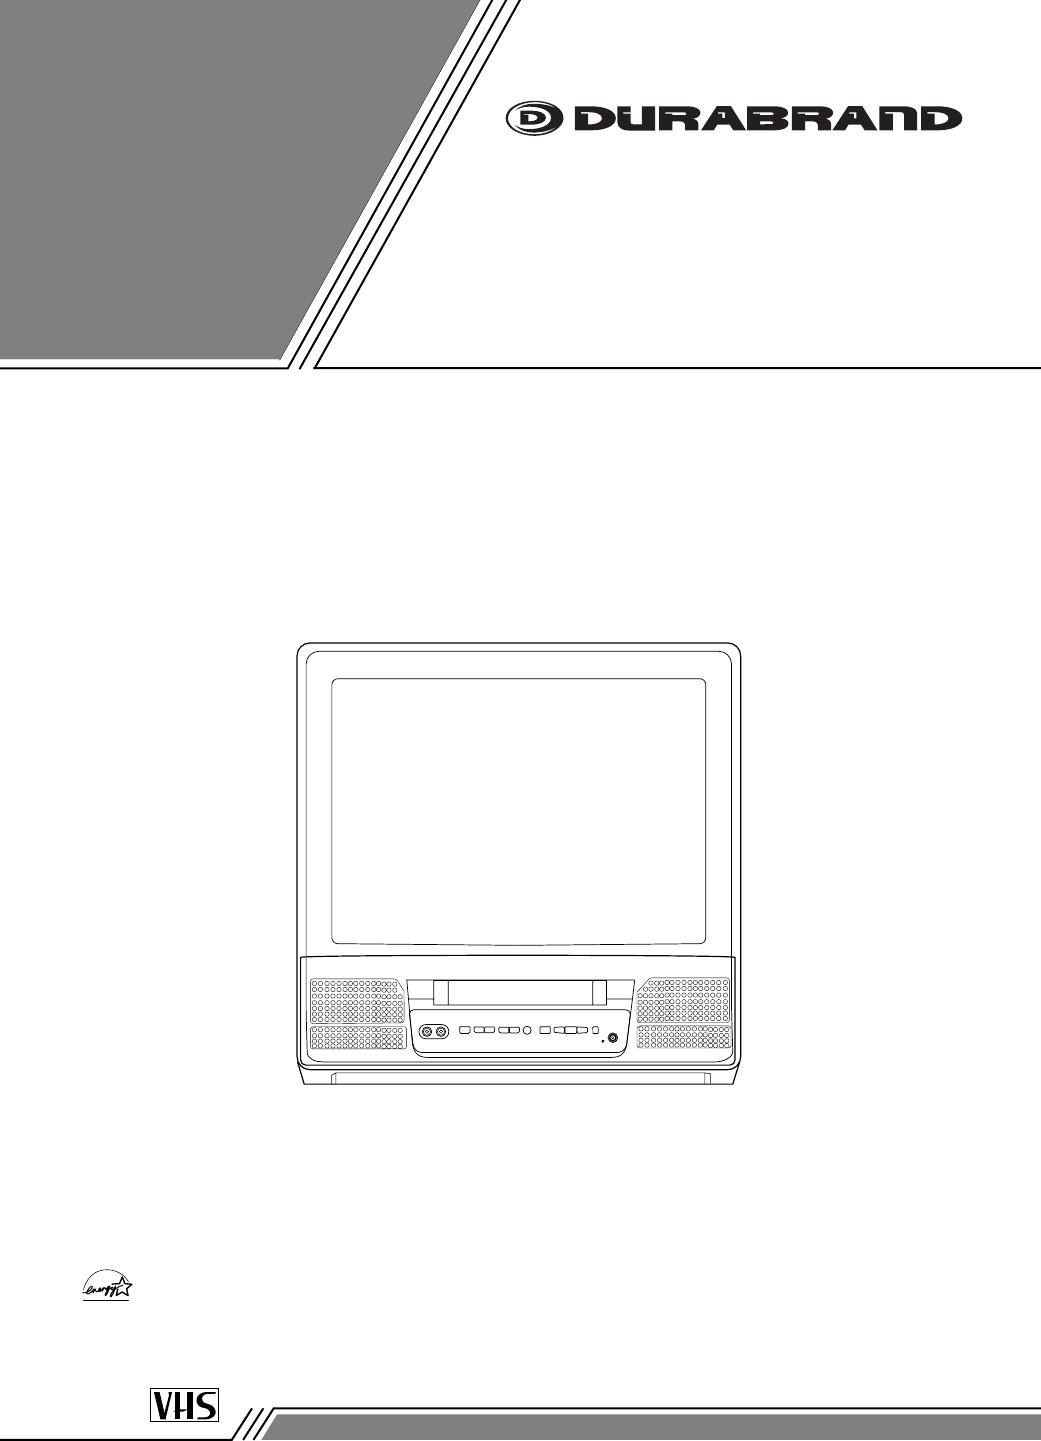 durabrand tv vcr combo dcc1303 user guide manualsonline com rh tv manualsonline com